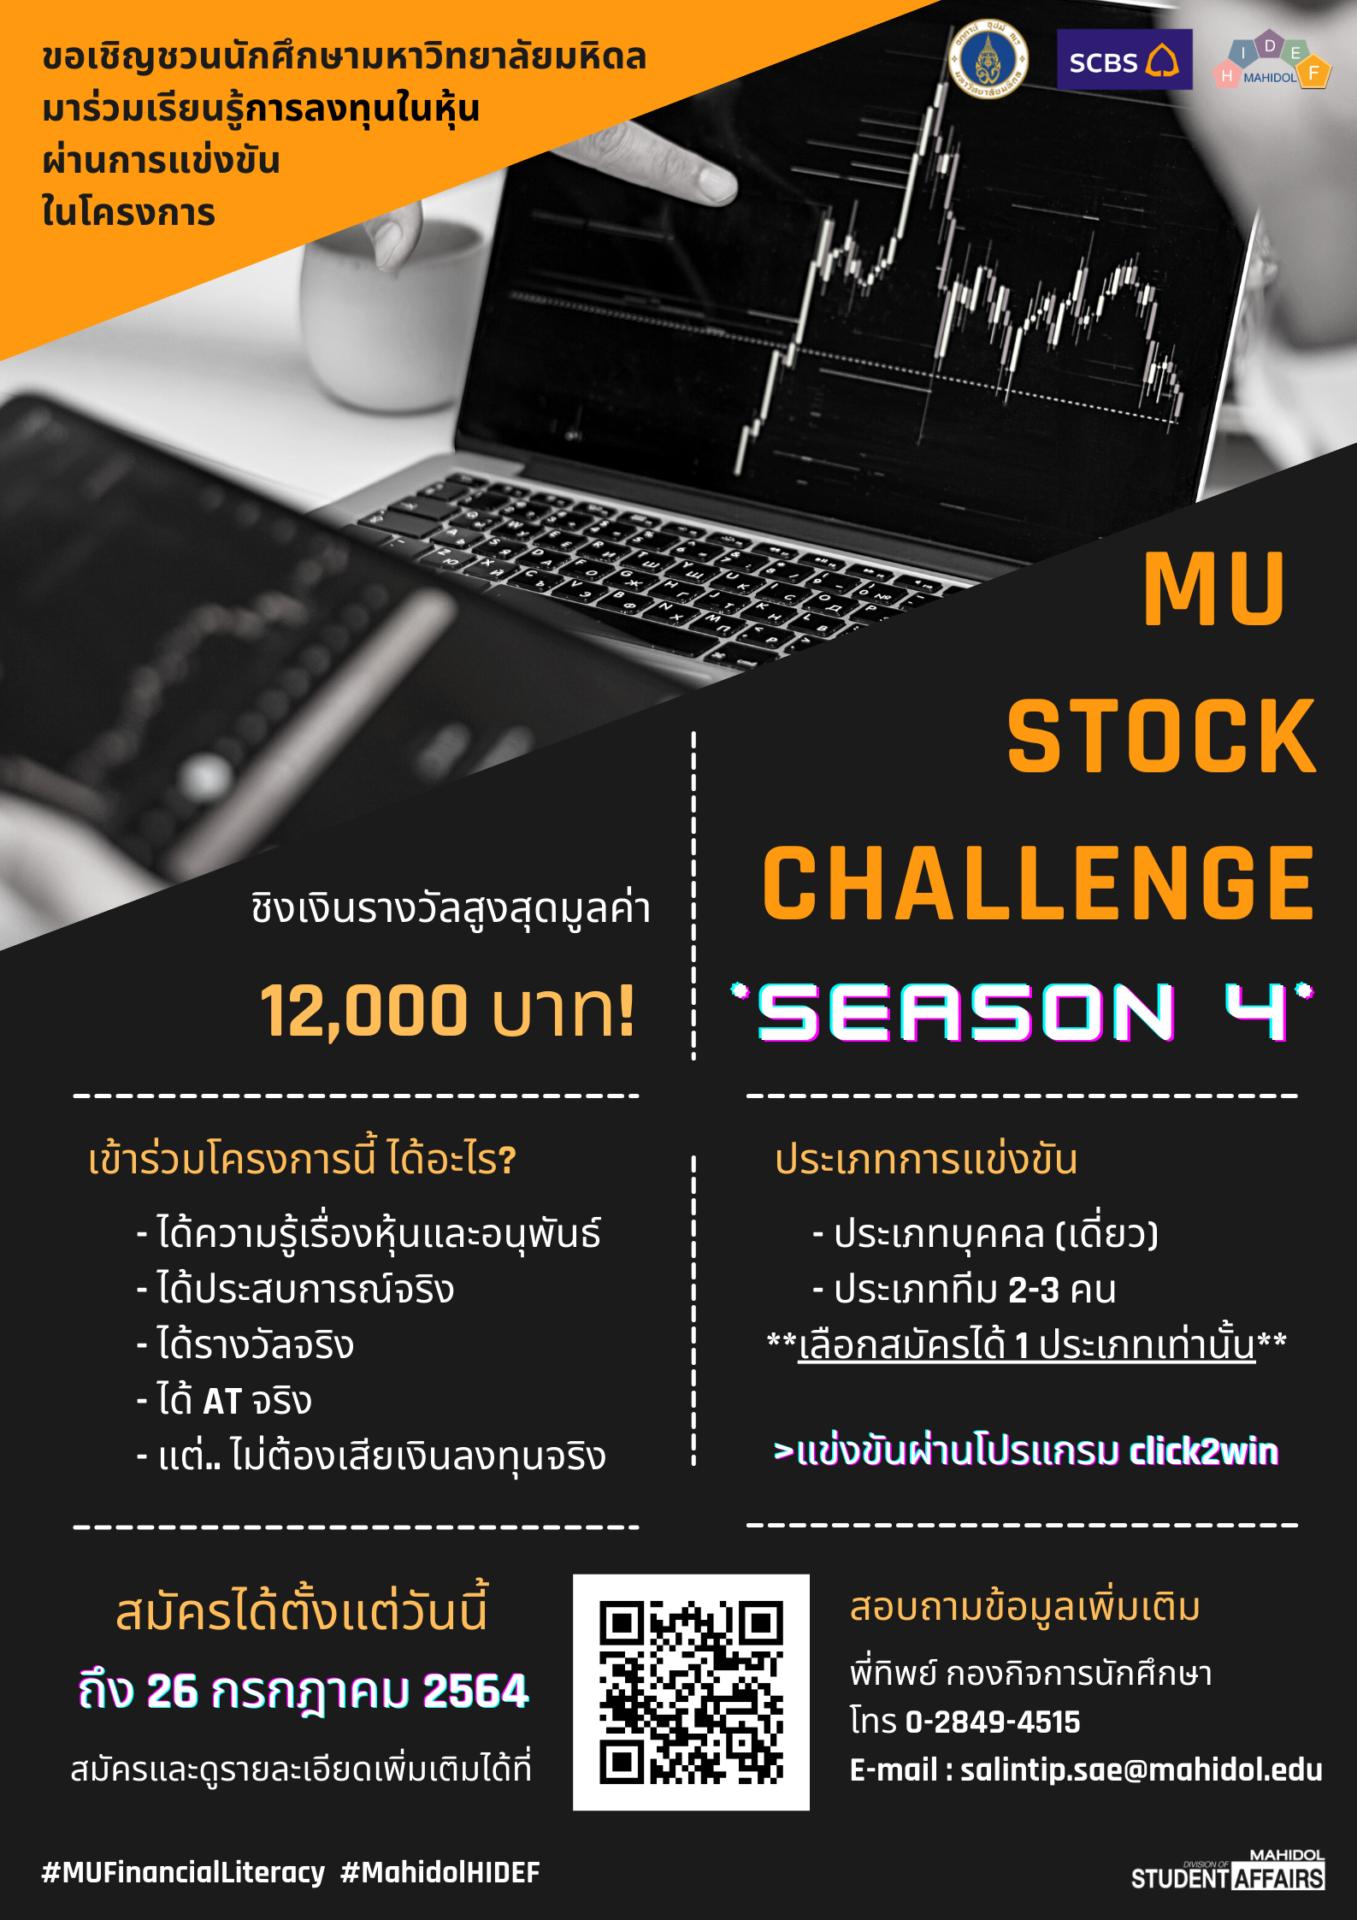 MU Stock 4